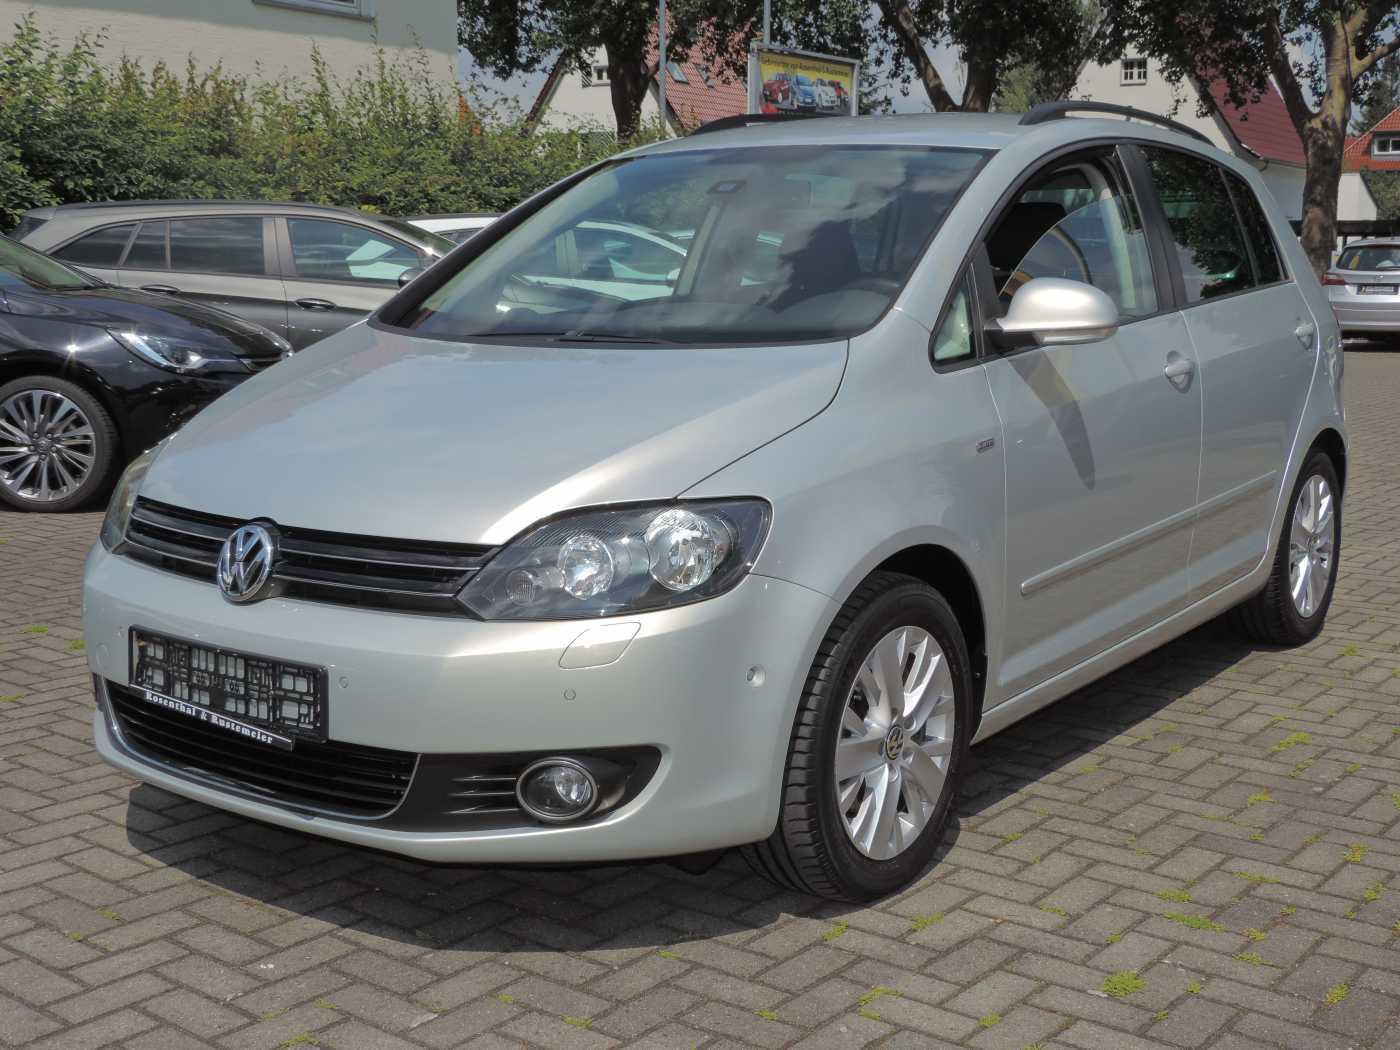 Volkswagen Golf VI Plus 1.6 TDI NAVI+SITZHEIZUNG, Jahr 2013, Diesel